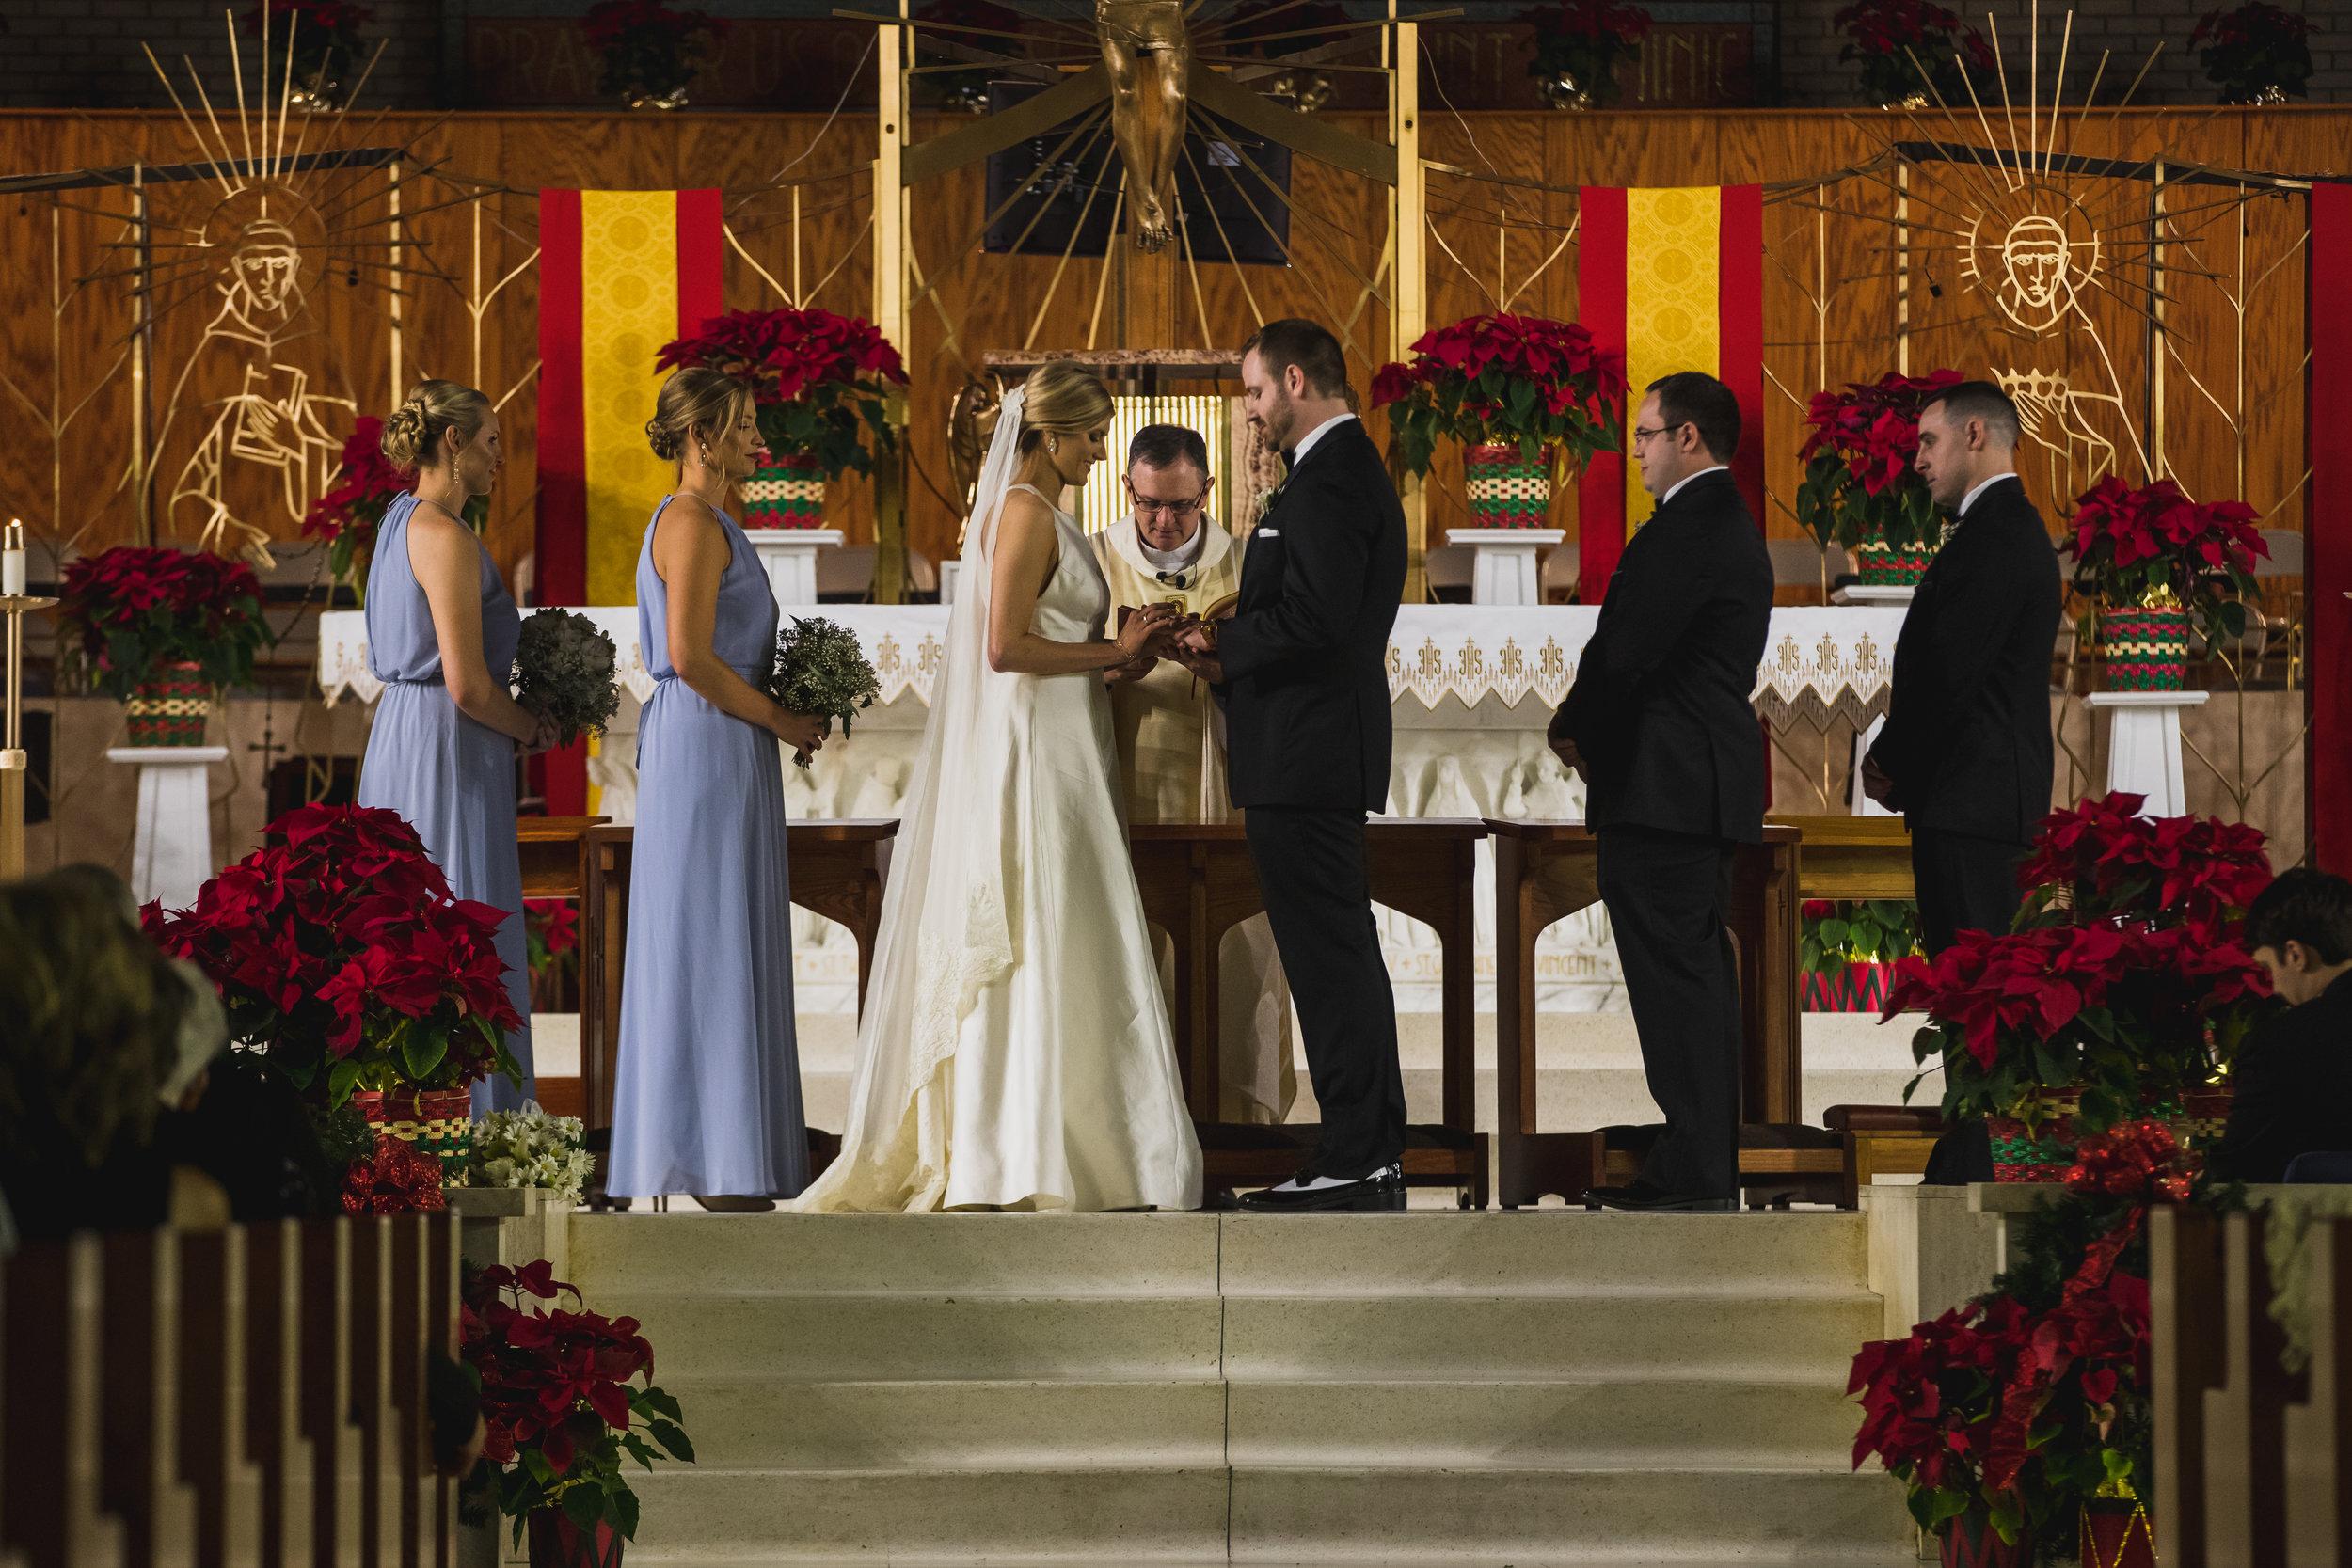 Wedding Rings - Bride Film